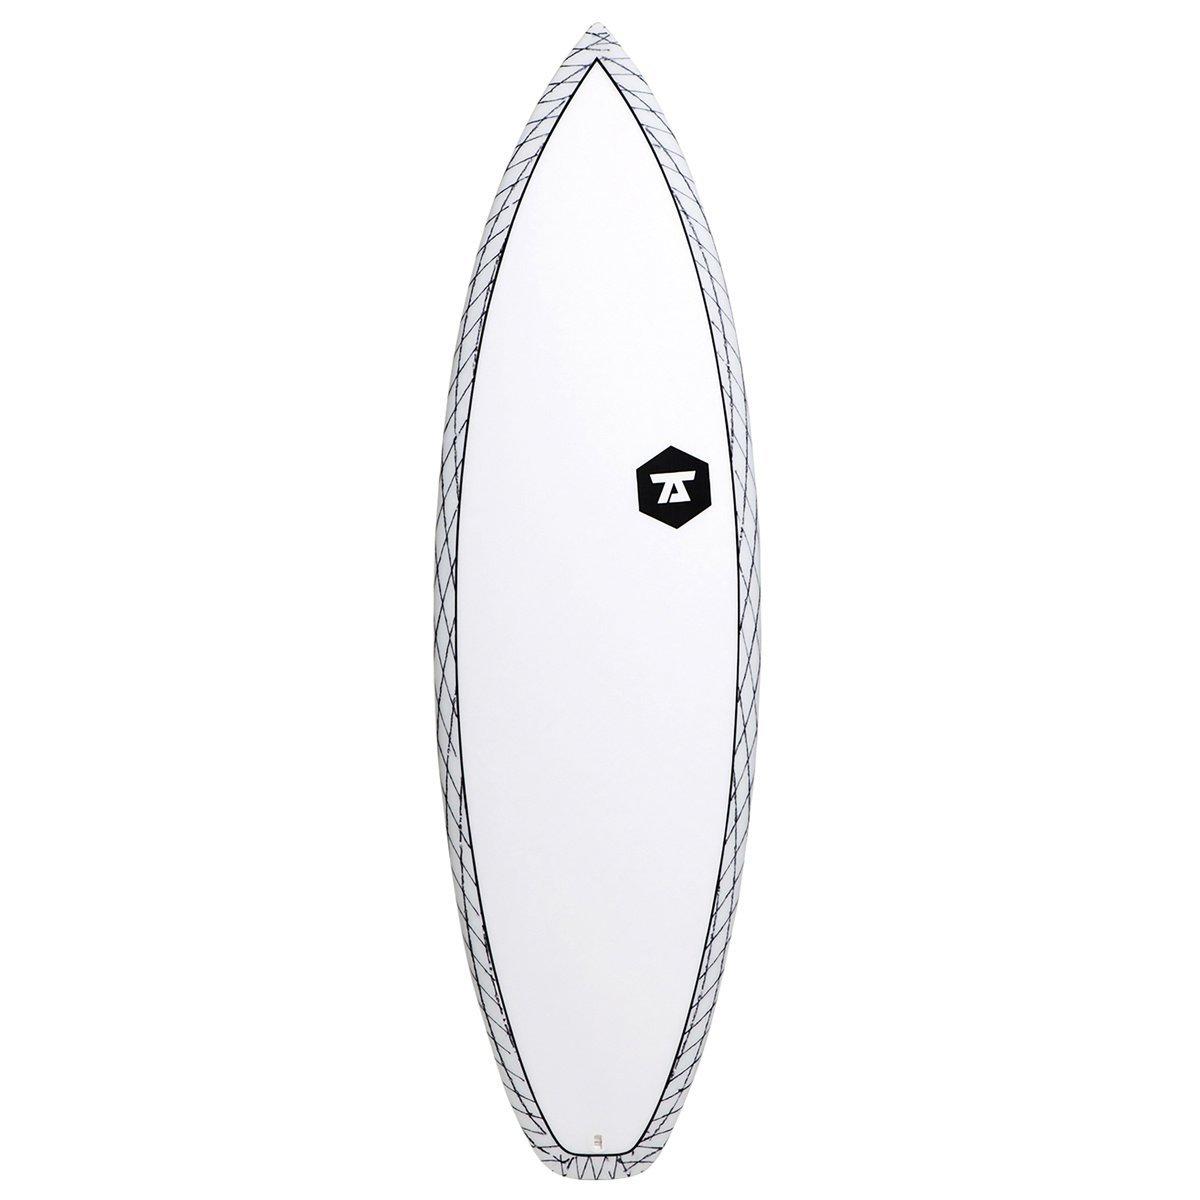 Salero 7s carbono Vector Tabla de surf, color blanco, blanco: Amazon.es: Deportes y aire libre